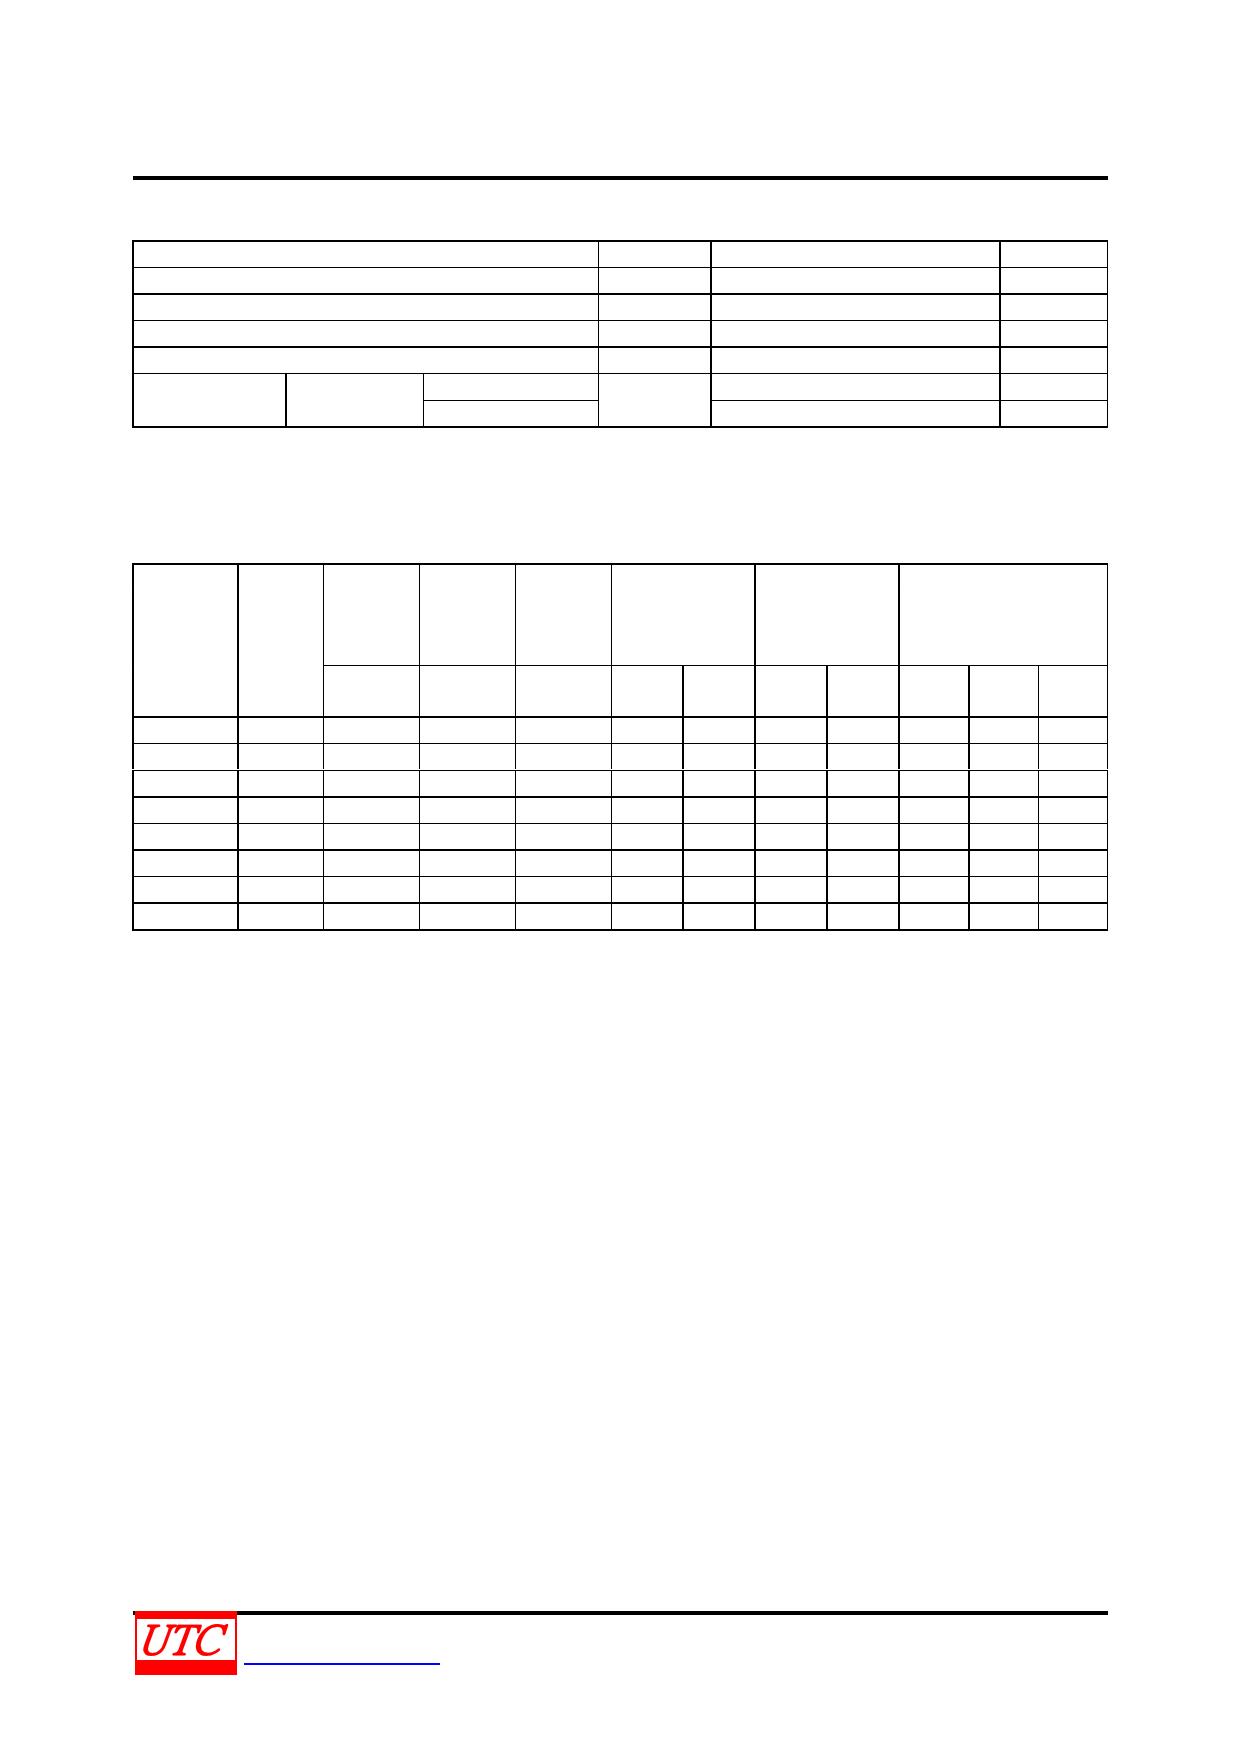 SMA5V pdf, schematic